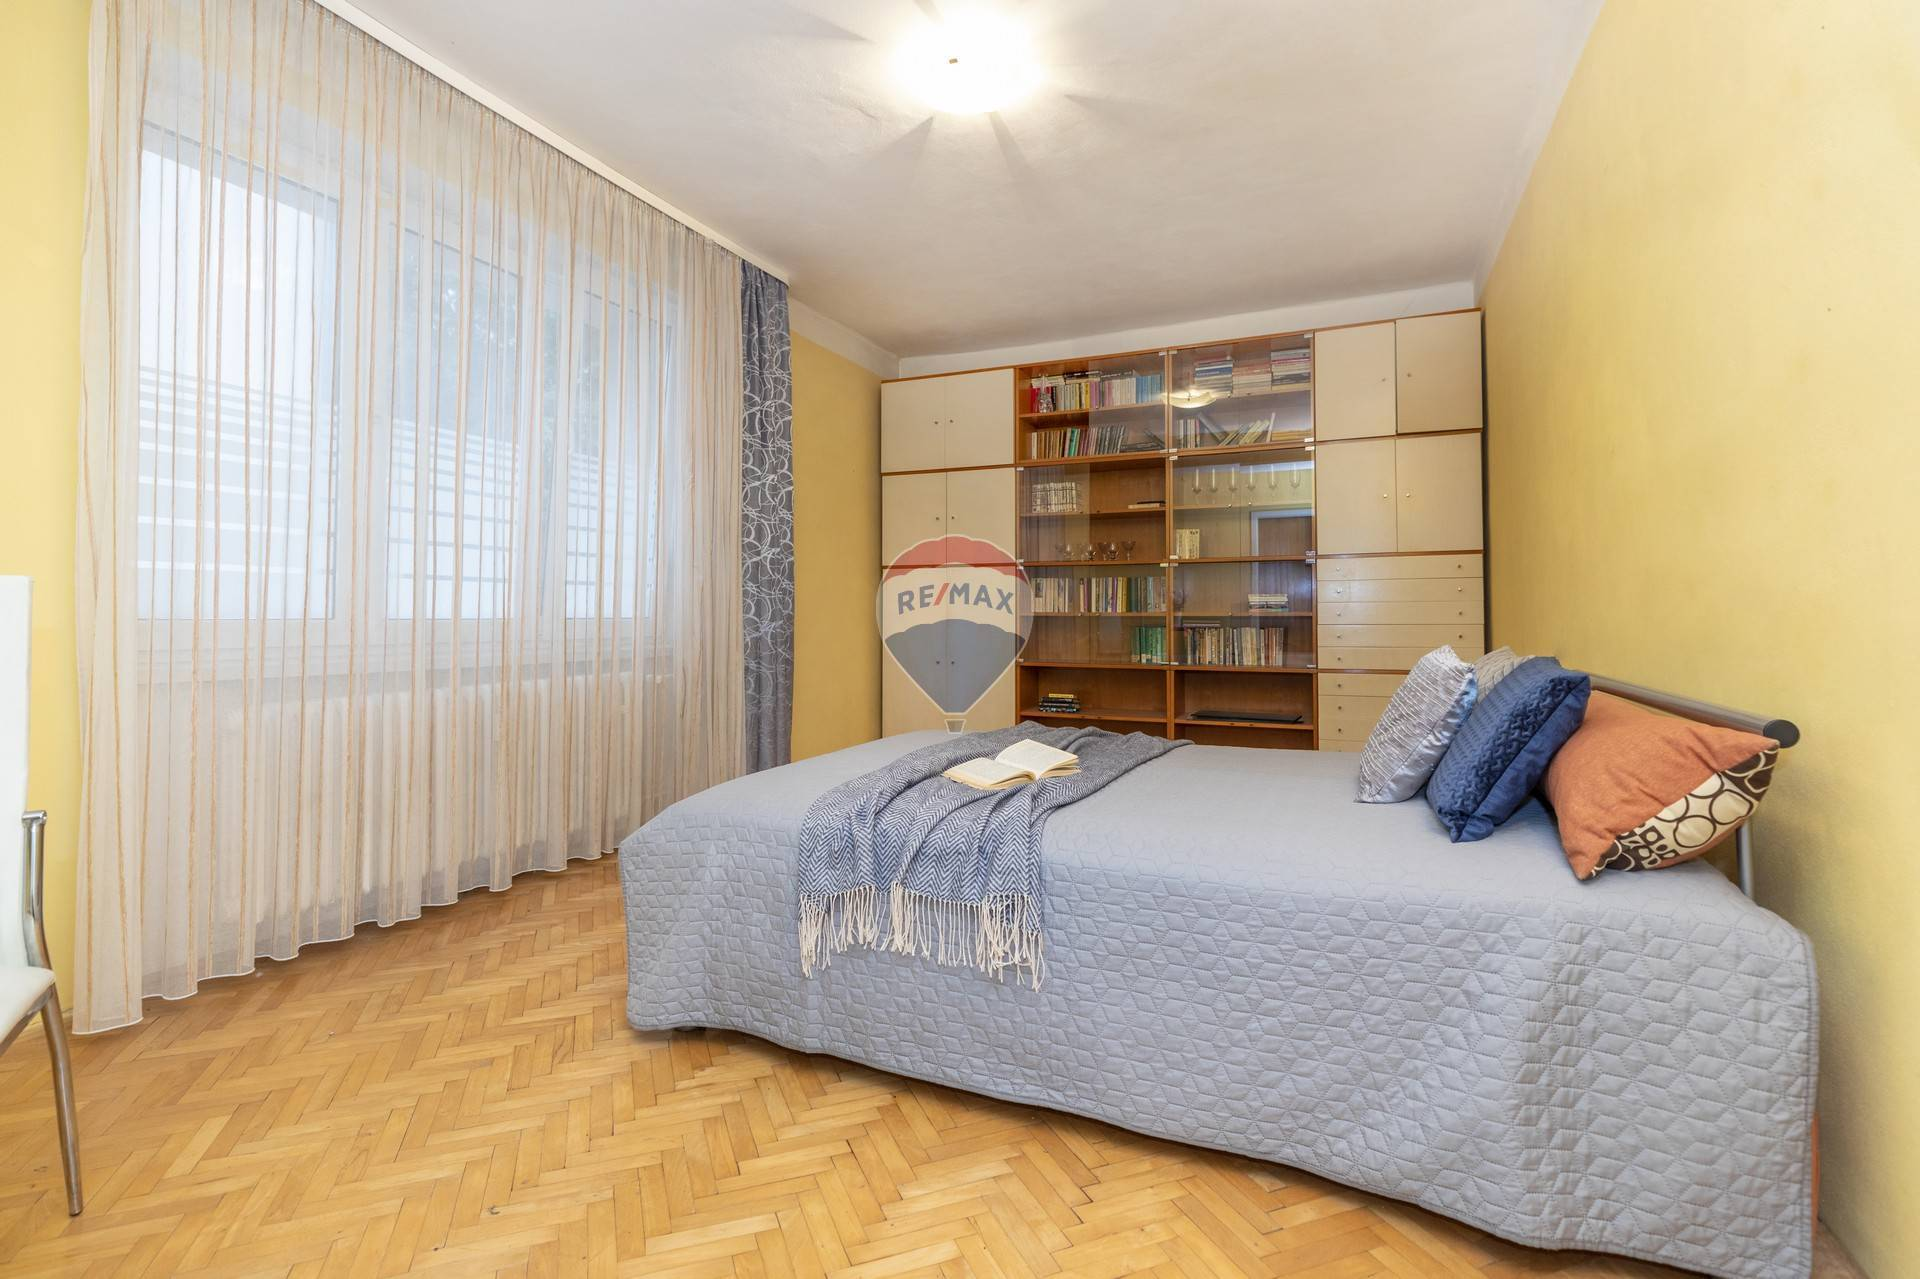 Na predaj 2 -izbový byt (56m2) vyhľadávaná lokalita  Ružinov - Metodova ulica  - Bratislava